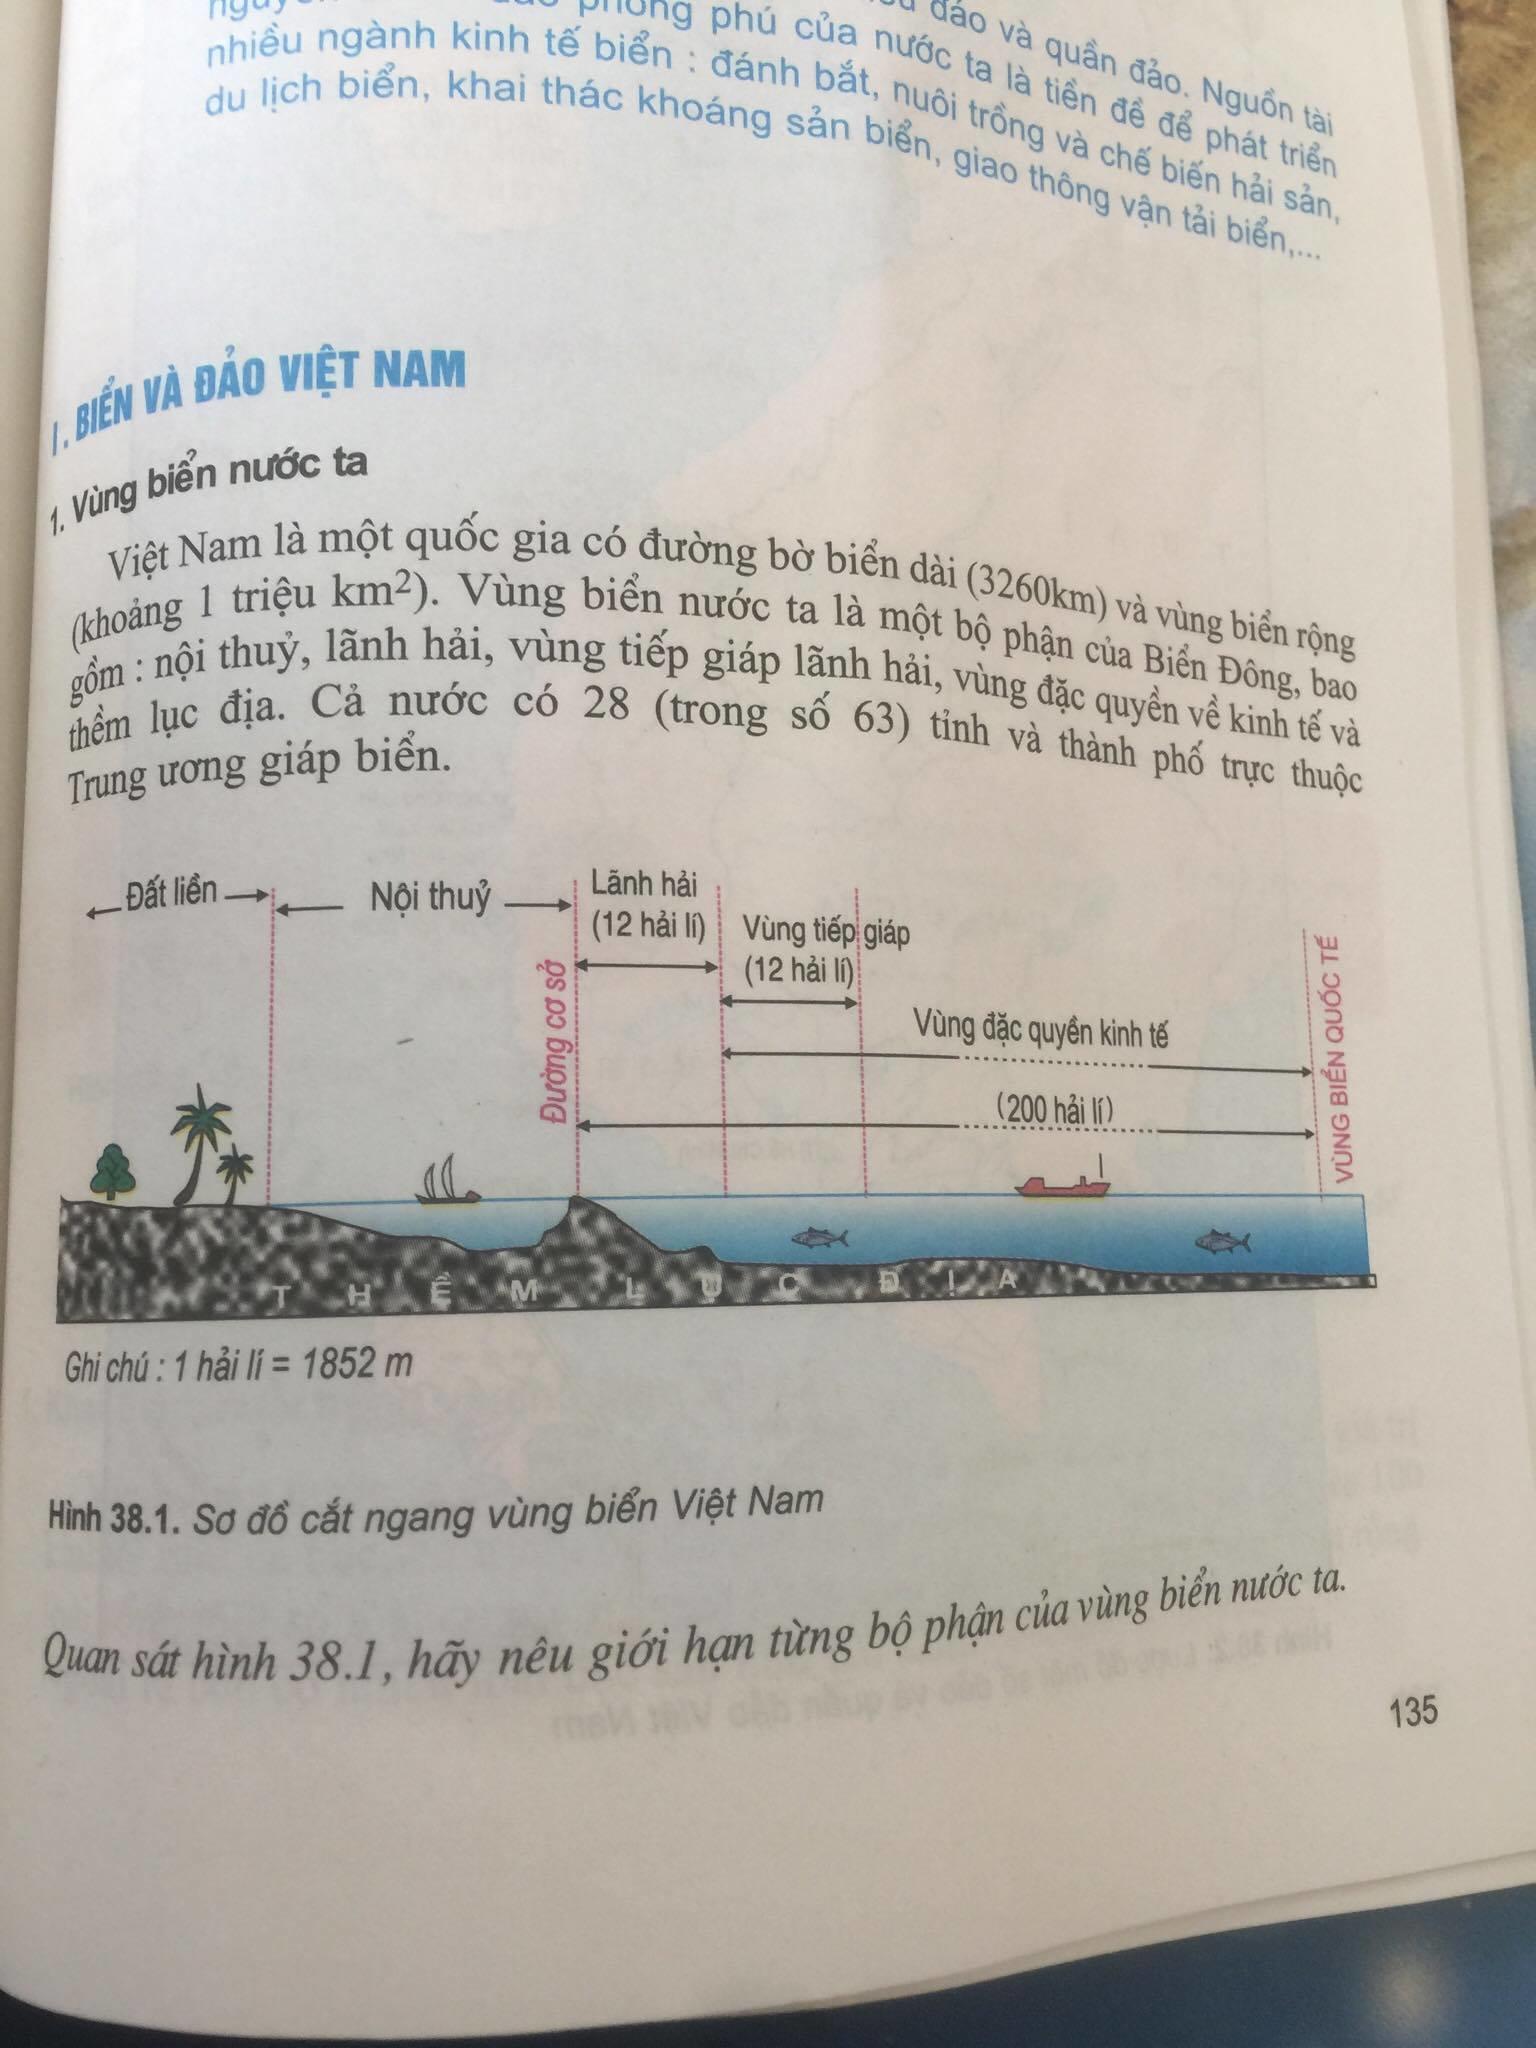 Giải bài tập Địa lí lớp 9 Bài 38: Phát triển tổng hợp kinh tế và bảo vệ tài nguyên, môi trường Biển - Đảo